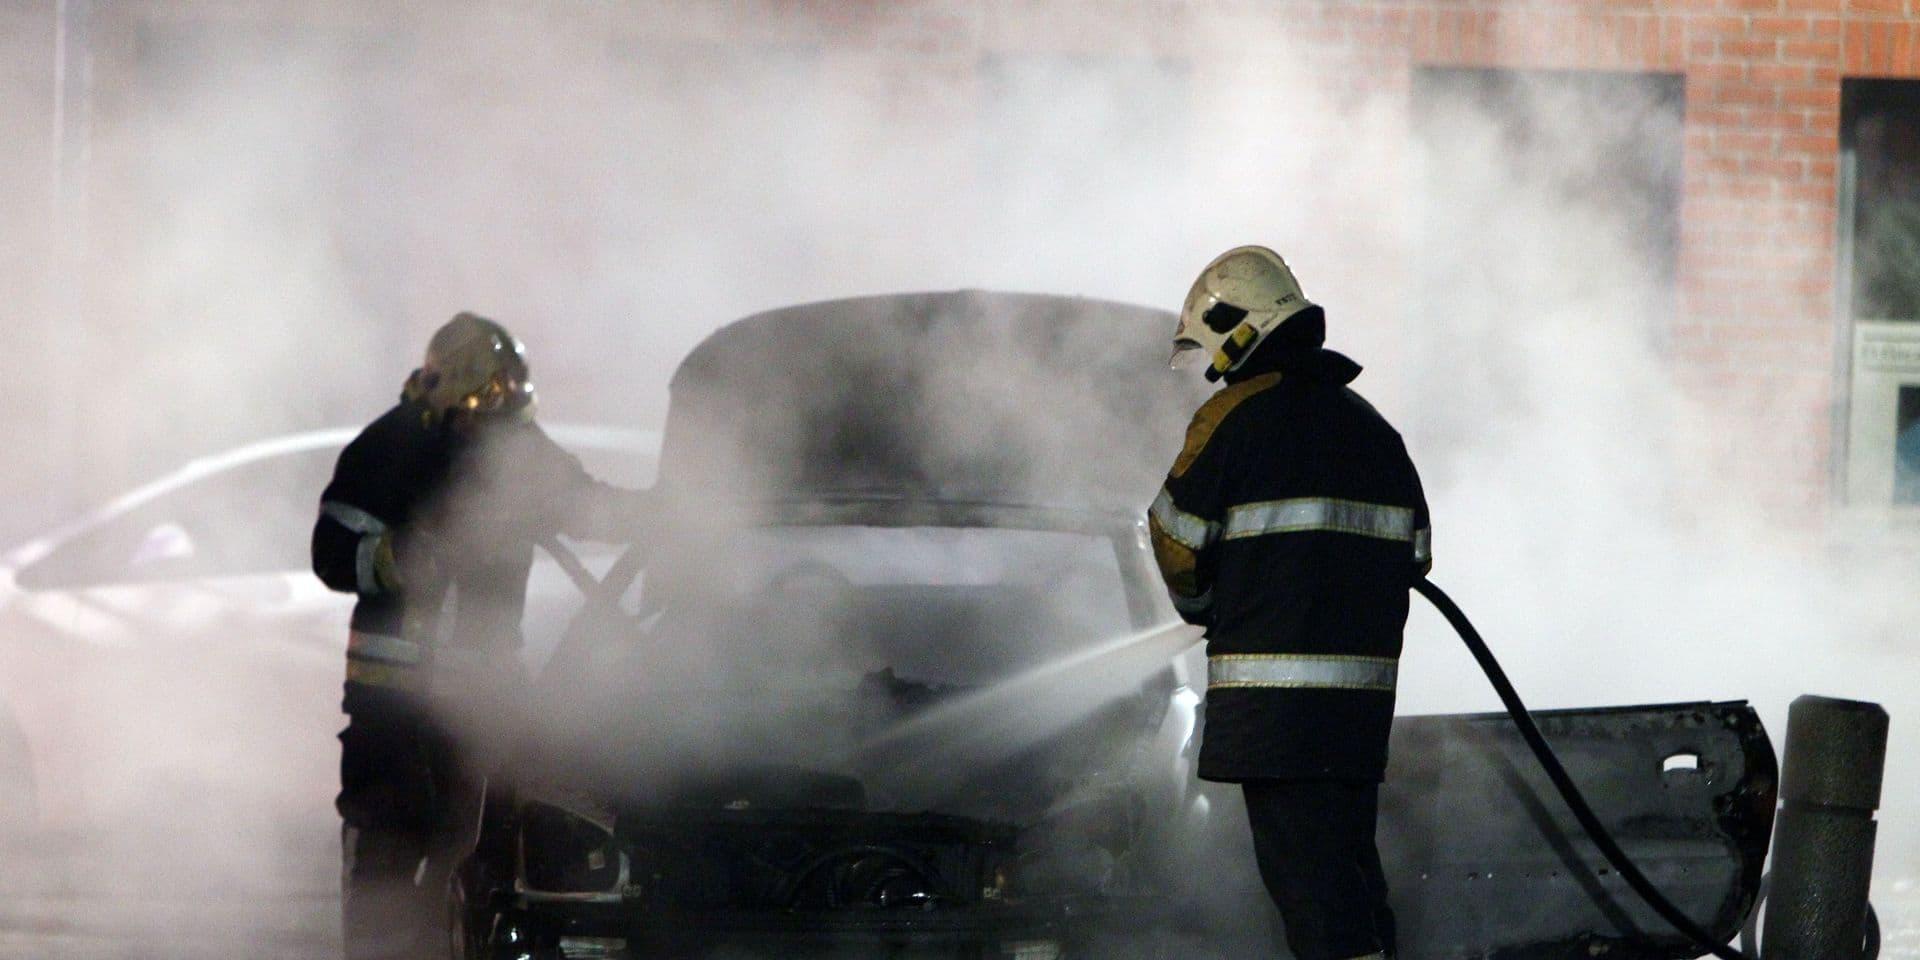 Trois voitures incendiées dans le centre-ville de Liège